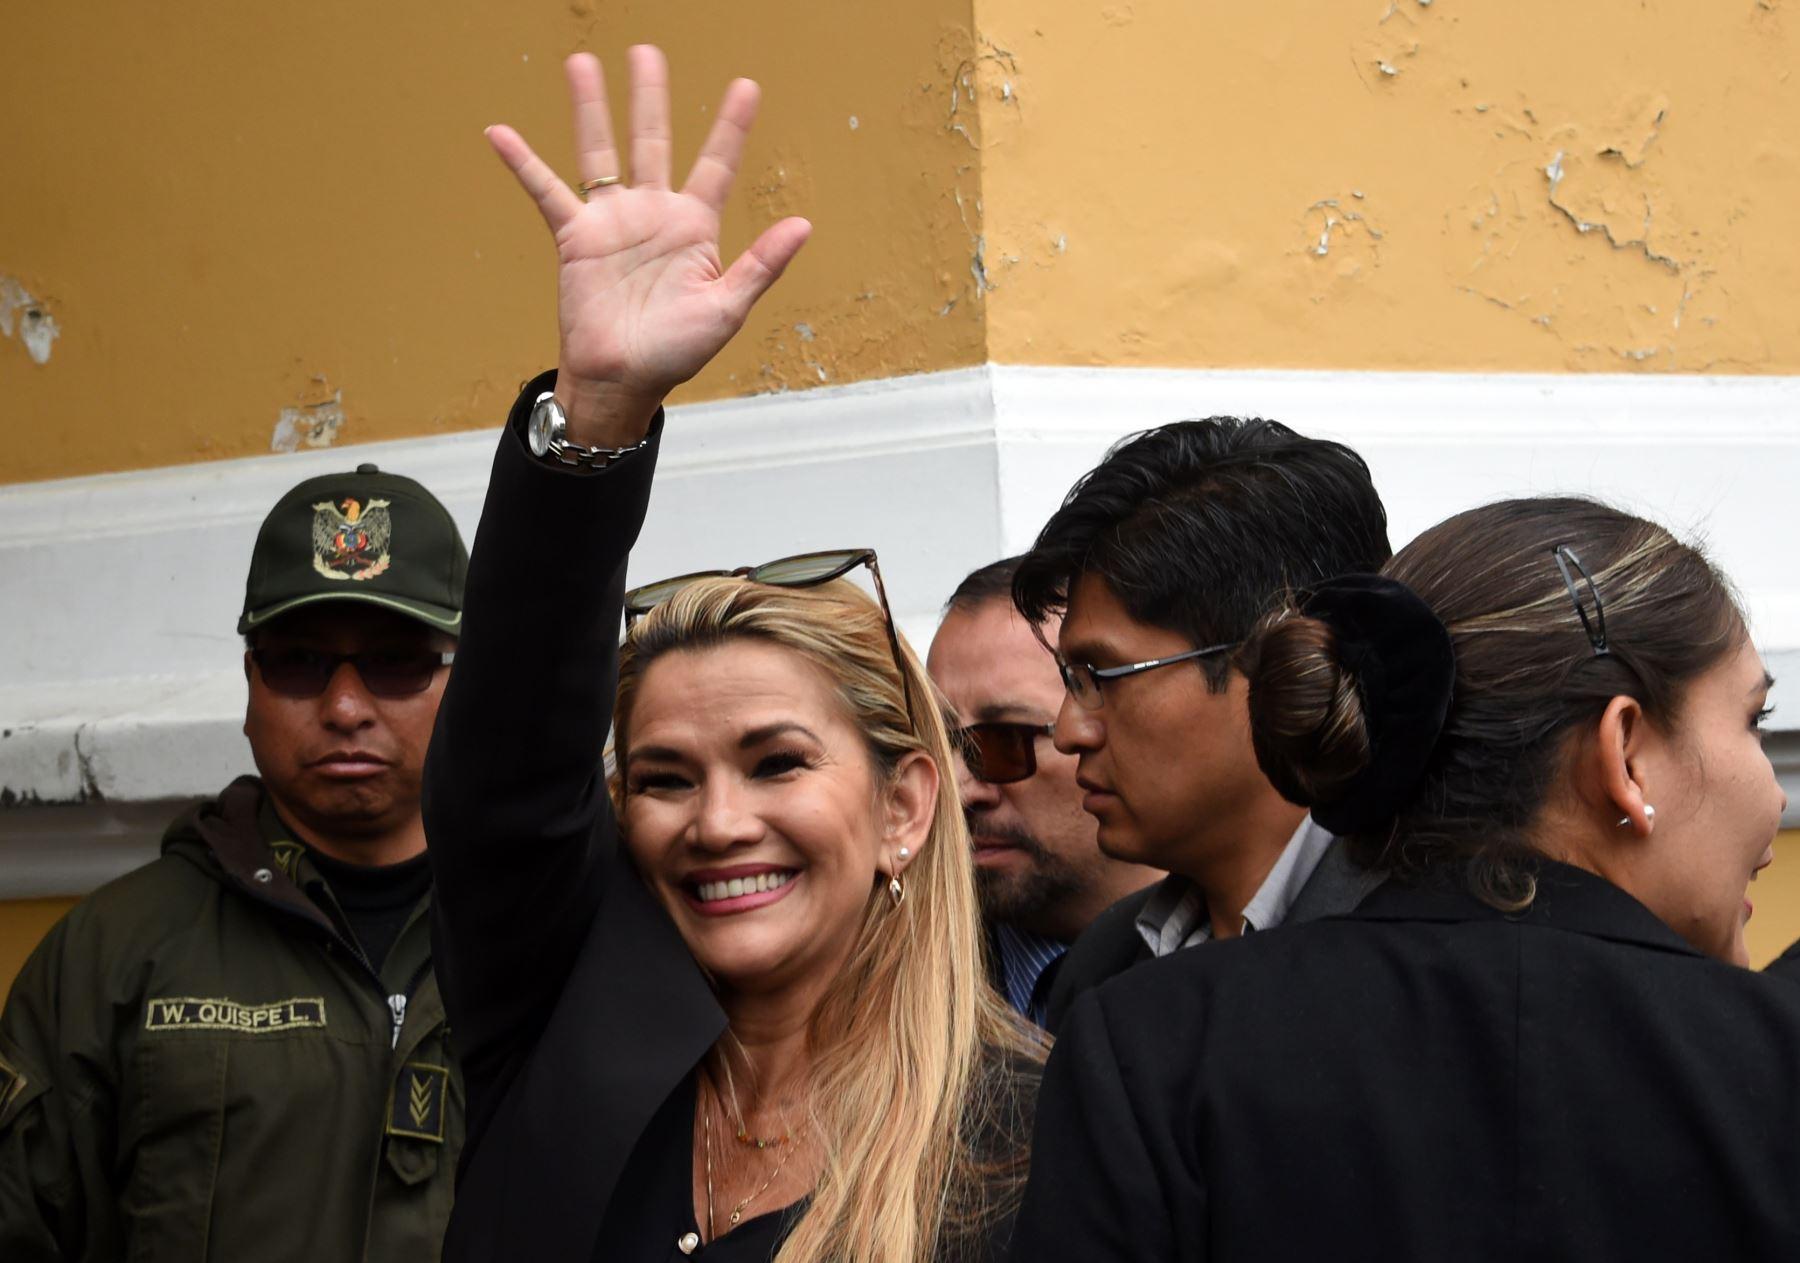 La vicepresidenta del Senado de Bolivia, Jeanine Anez, saluda cuando llega al edificio del Congreso en La Paz. Foto: AFP